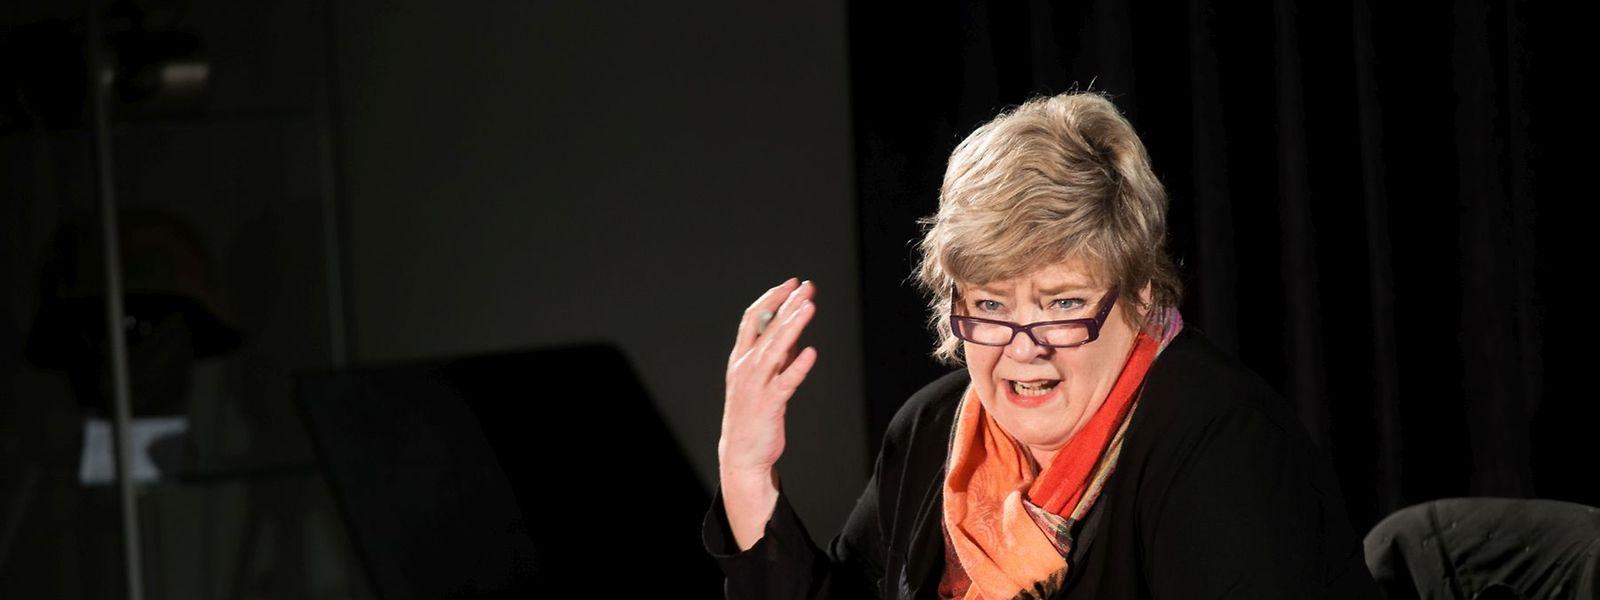 La voix caverneuse et rauque de Christiane Rausch forme un contrepoint féminin ingénieux à l'hégémonie du discours masculin.